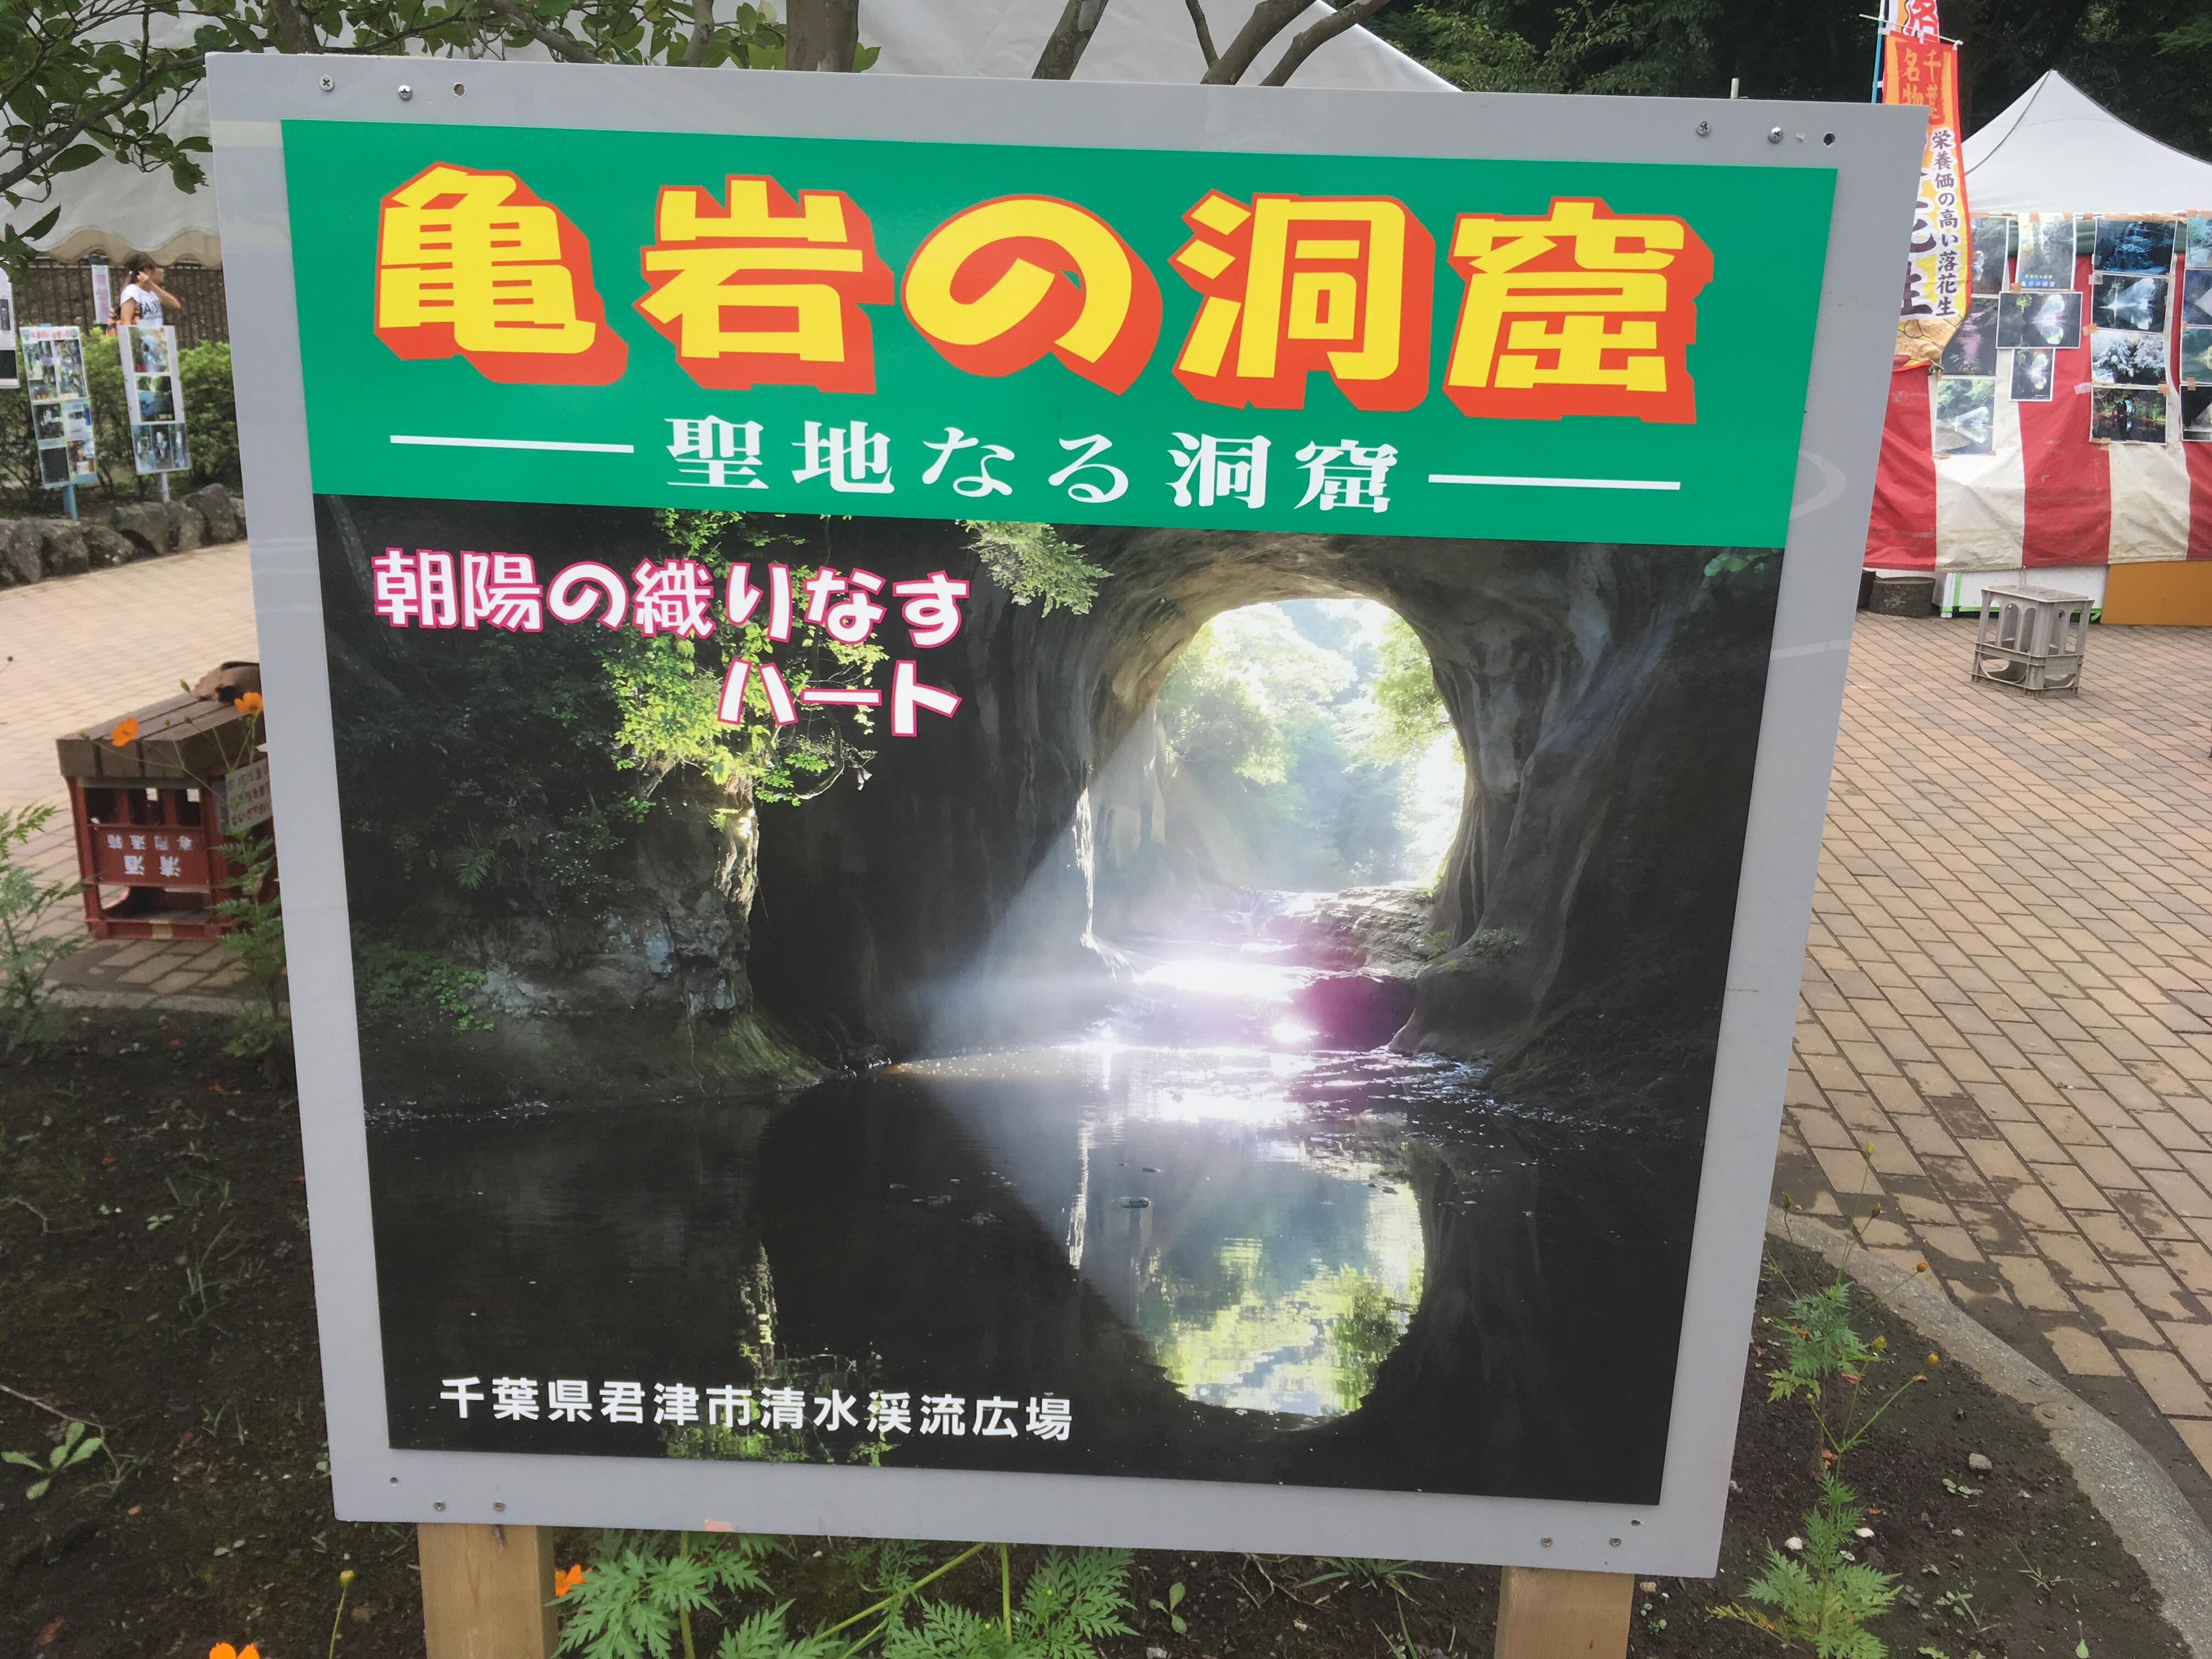 最近噂の千葉新スポット 濃溝の滝へ行ってきた。